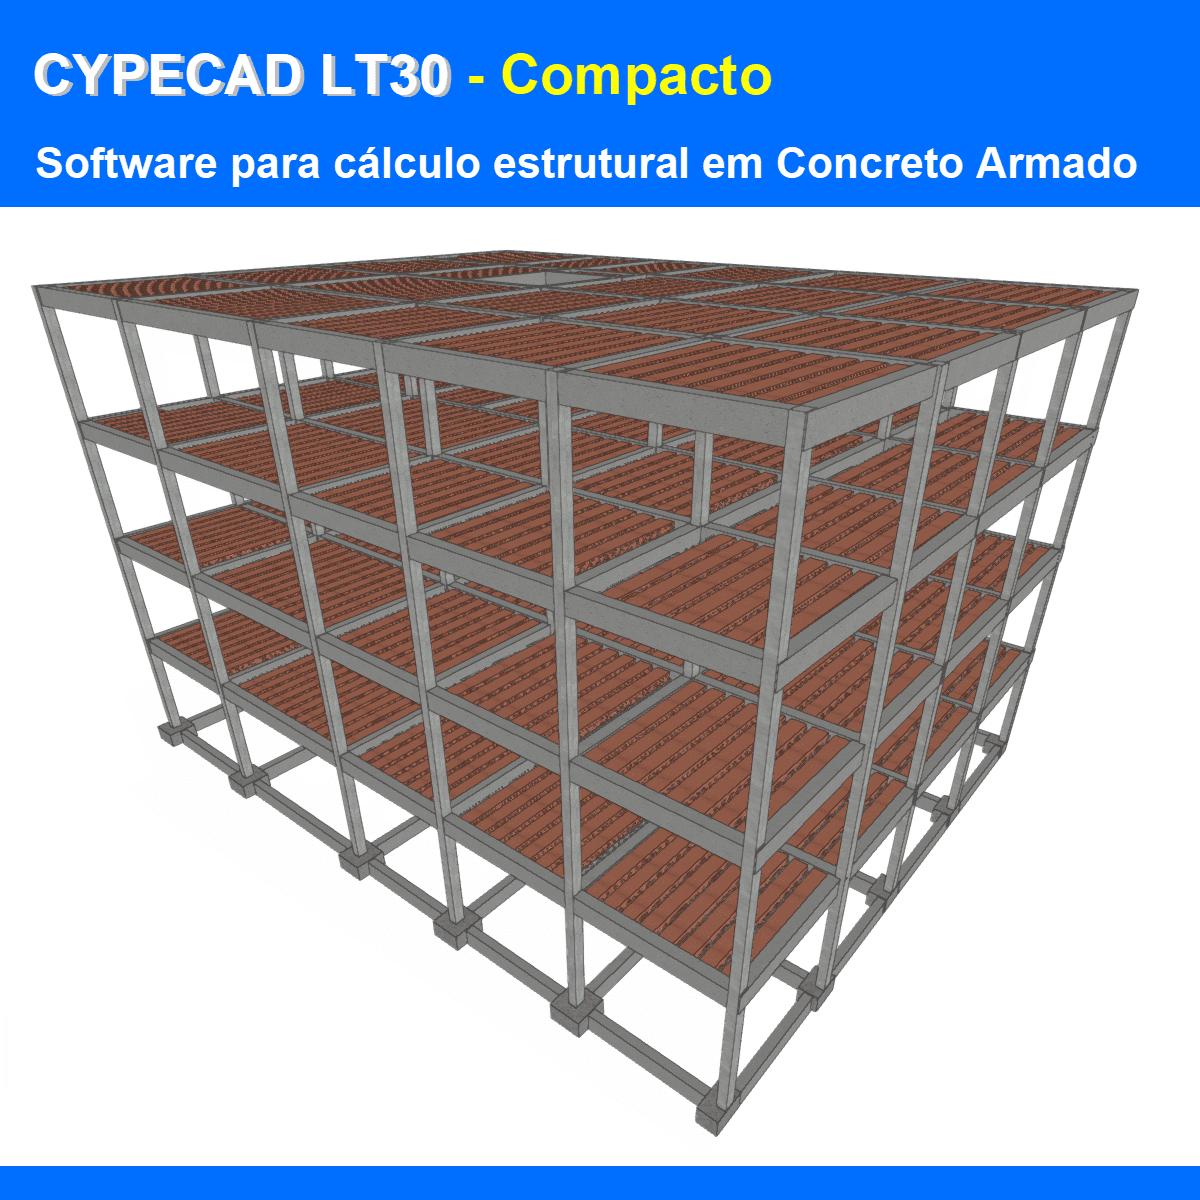 """Software CYPECAD LT30 Compacto versão 2022 (Licença Eletrônica) incluindo a modulação descrita em """"Itens Inclusos"""" a seguir  - MULTIPLUS SOFTWARES"""